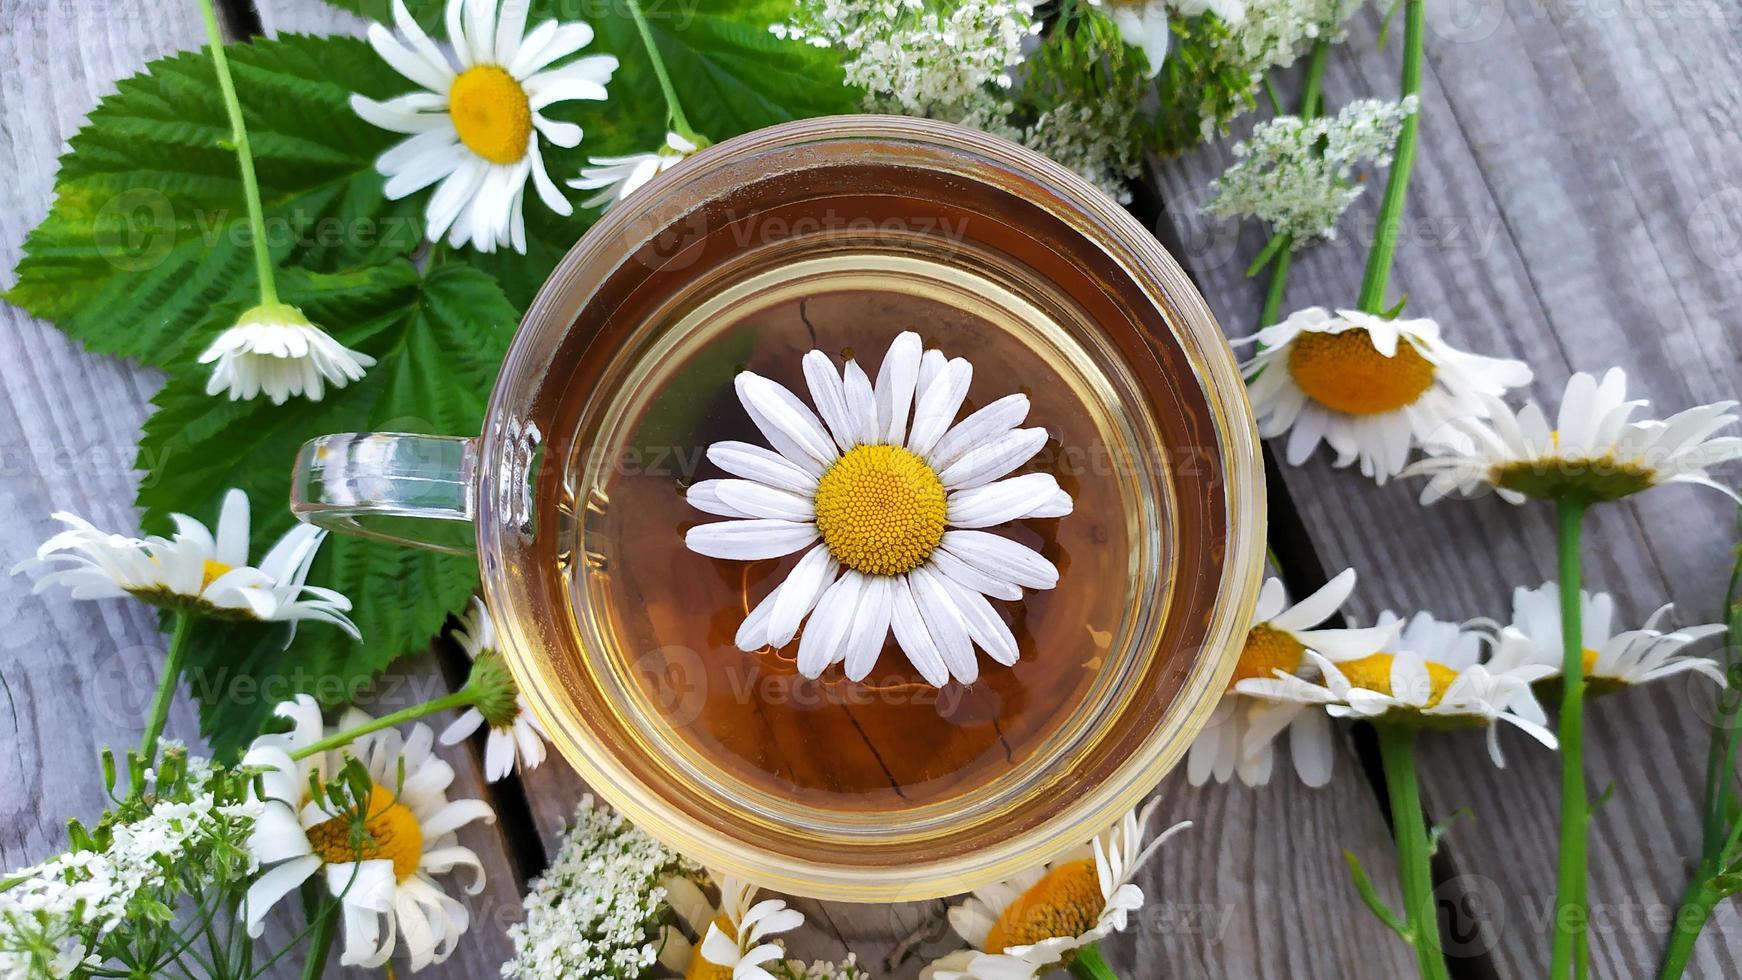 kamille thee. bloemen, bladeren en een kopje thee op een houten ondergrond. uitzicht van boven. foto